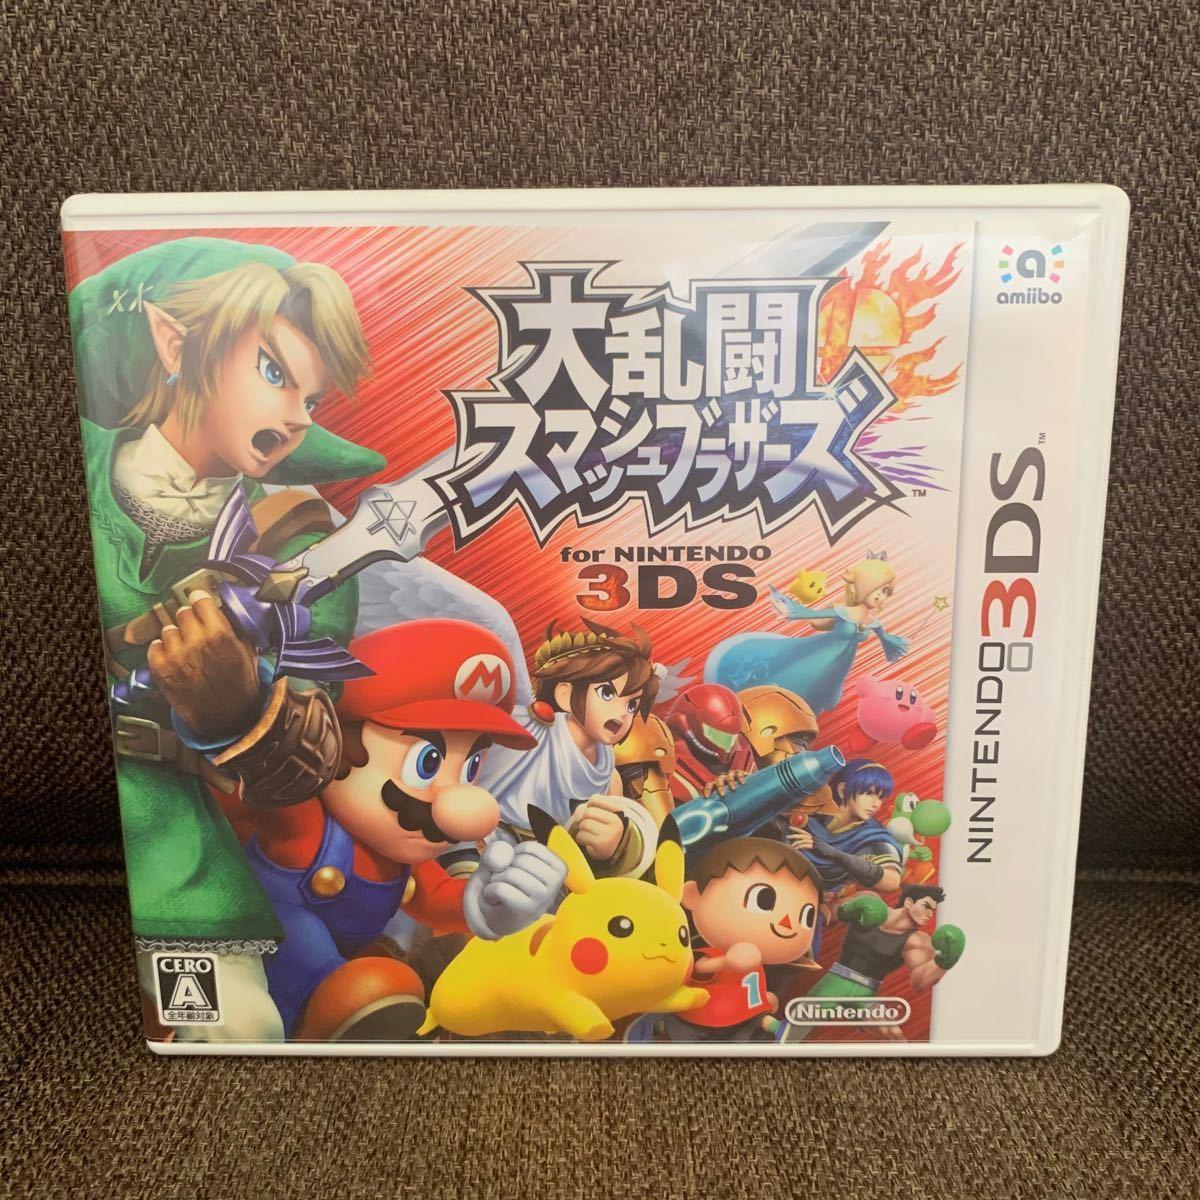 ニンテンドー3DS 大乱闘スマッシュブラザーズ 3DSソフト 大乱闘スマッシュブラザーズfor NINTENDO 3DS